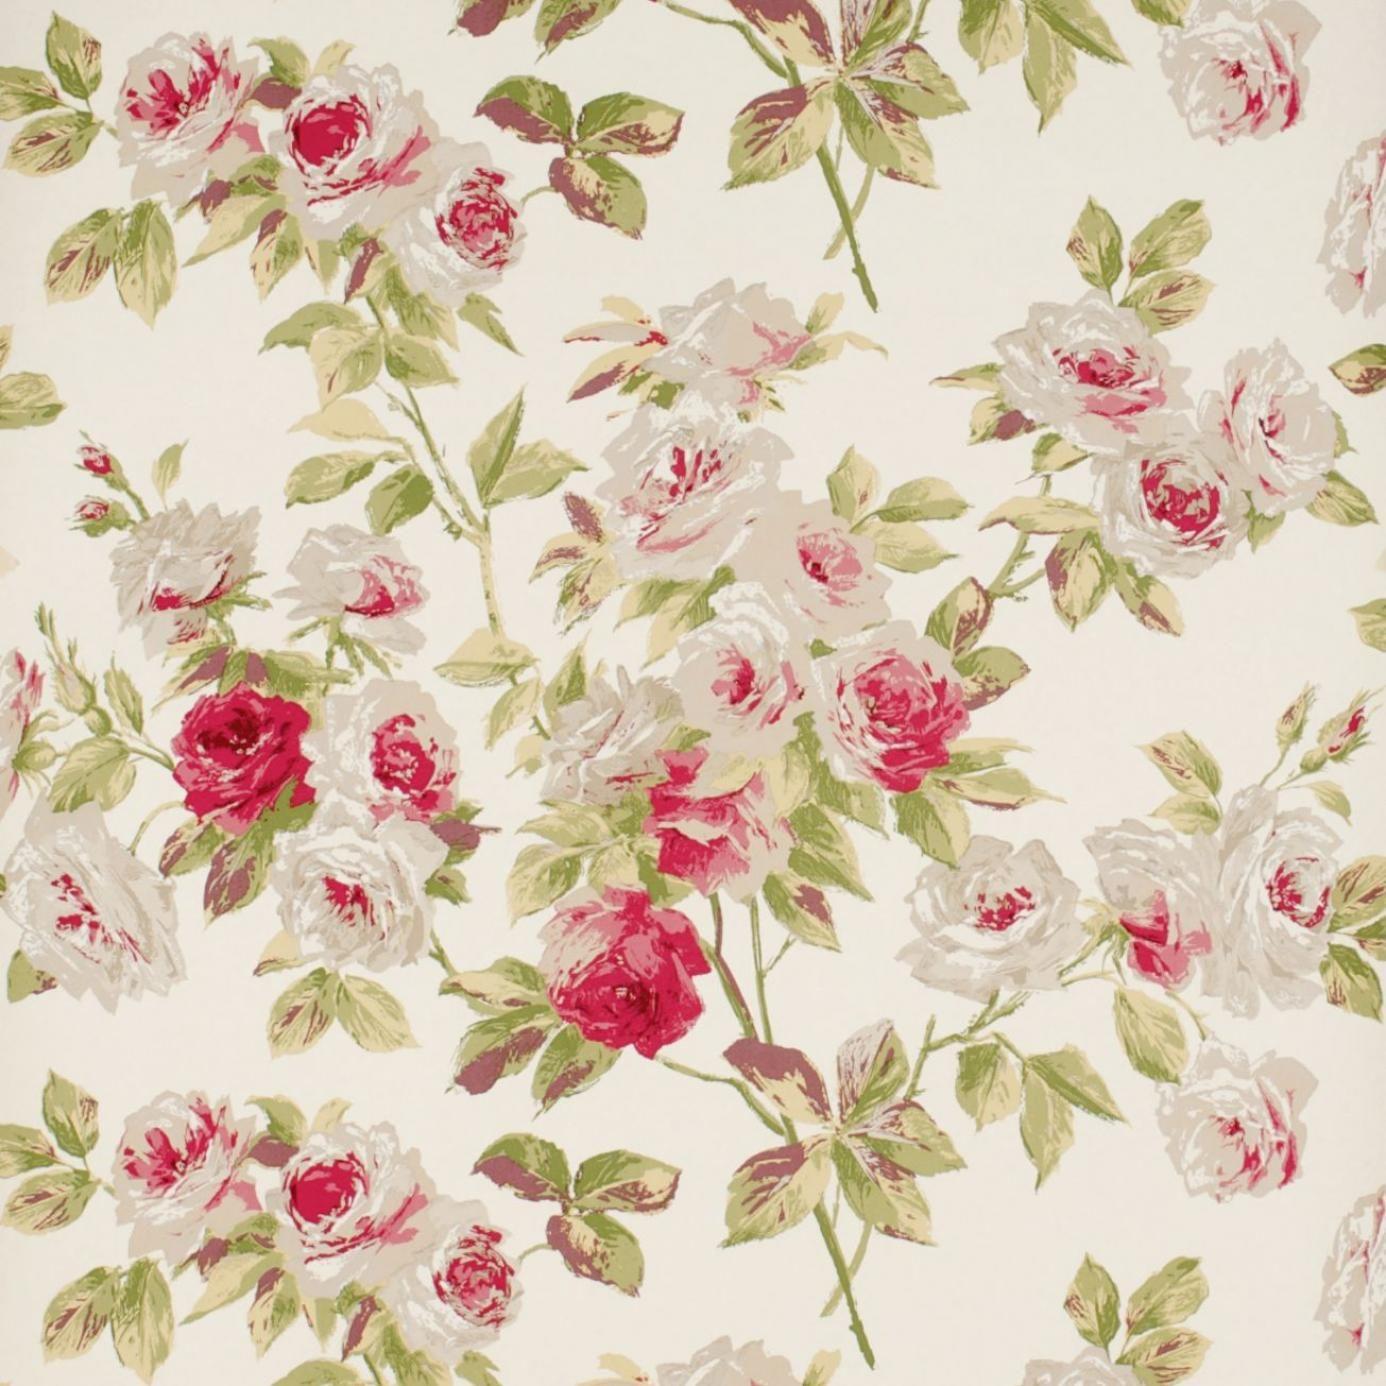 Wallpaper iphone favim - Floral Wallpapers Wallpaper Zone